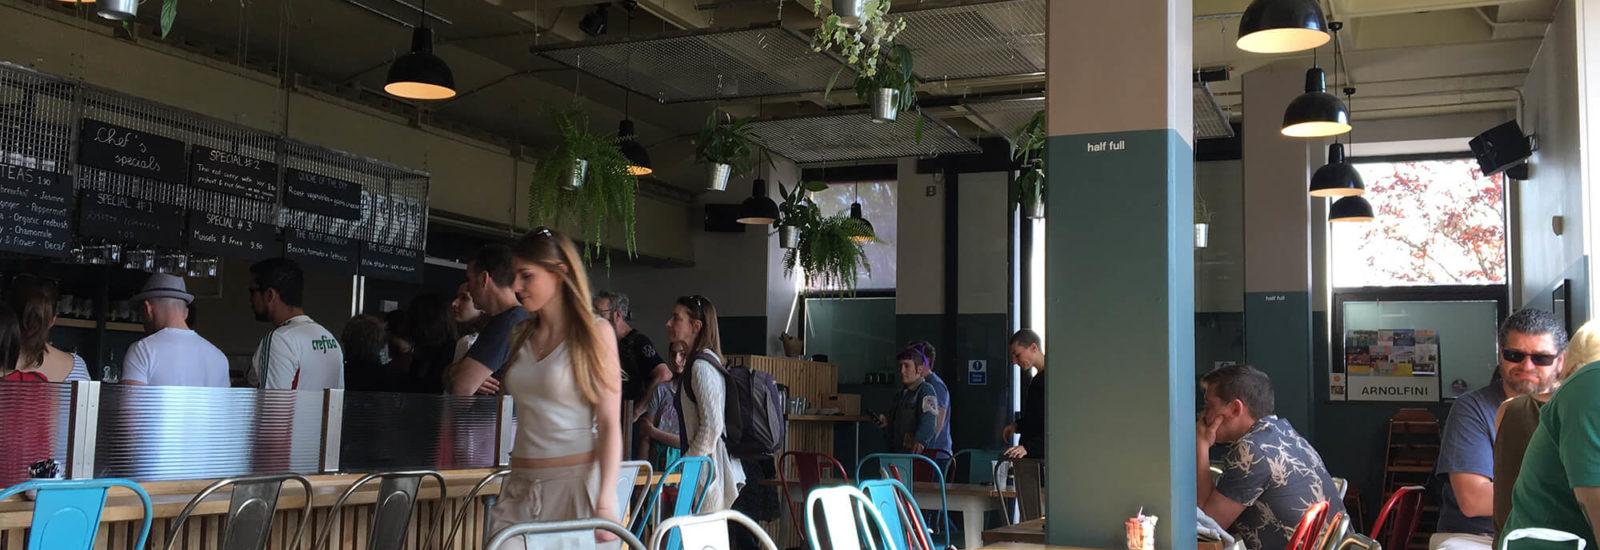 Image of Arnolfini Cafe Bar